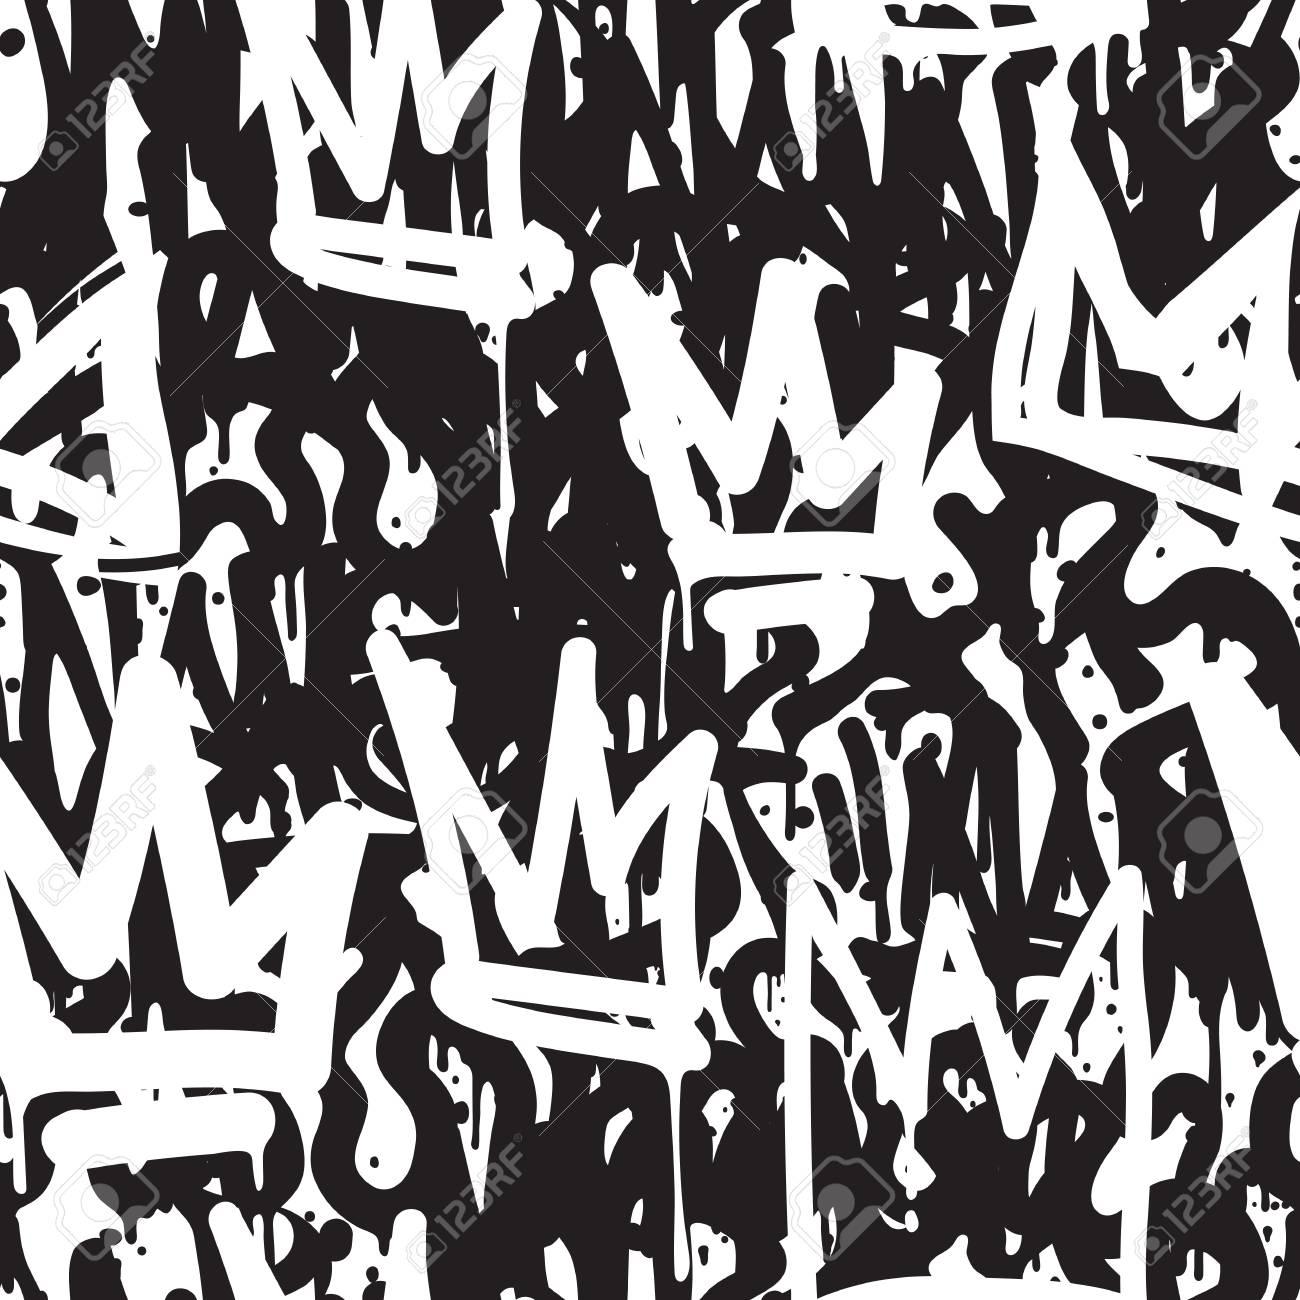 Graphic design art black and white  Vektor-Tags Nahtlose Muster. Mode Schwarz Und Weiß Graffiti Hand ...